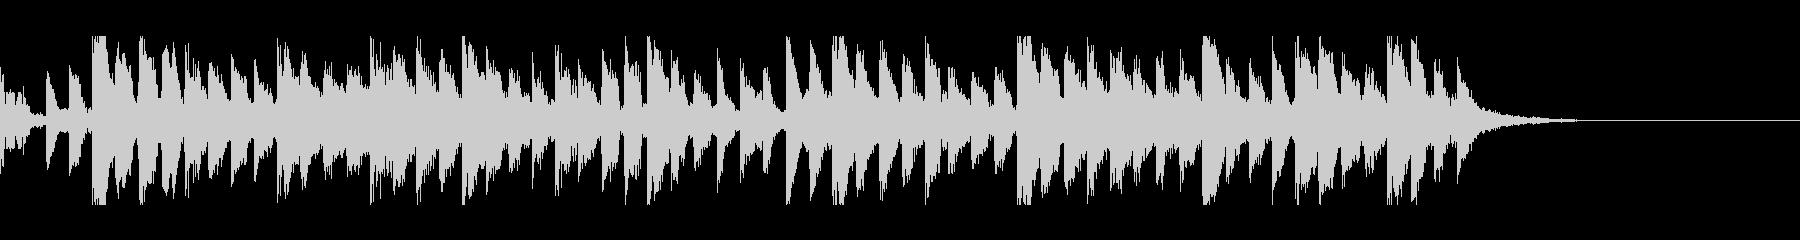 シンスウェーブなシンキングタイム音の未再生の波形